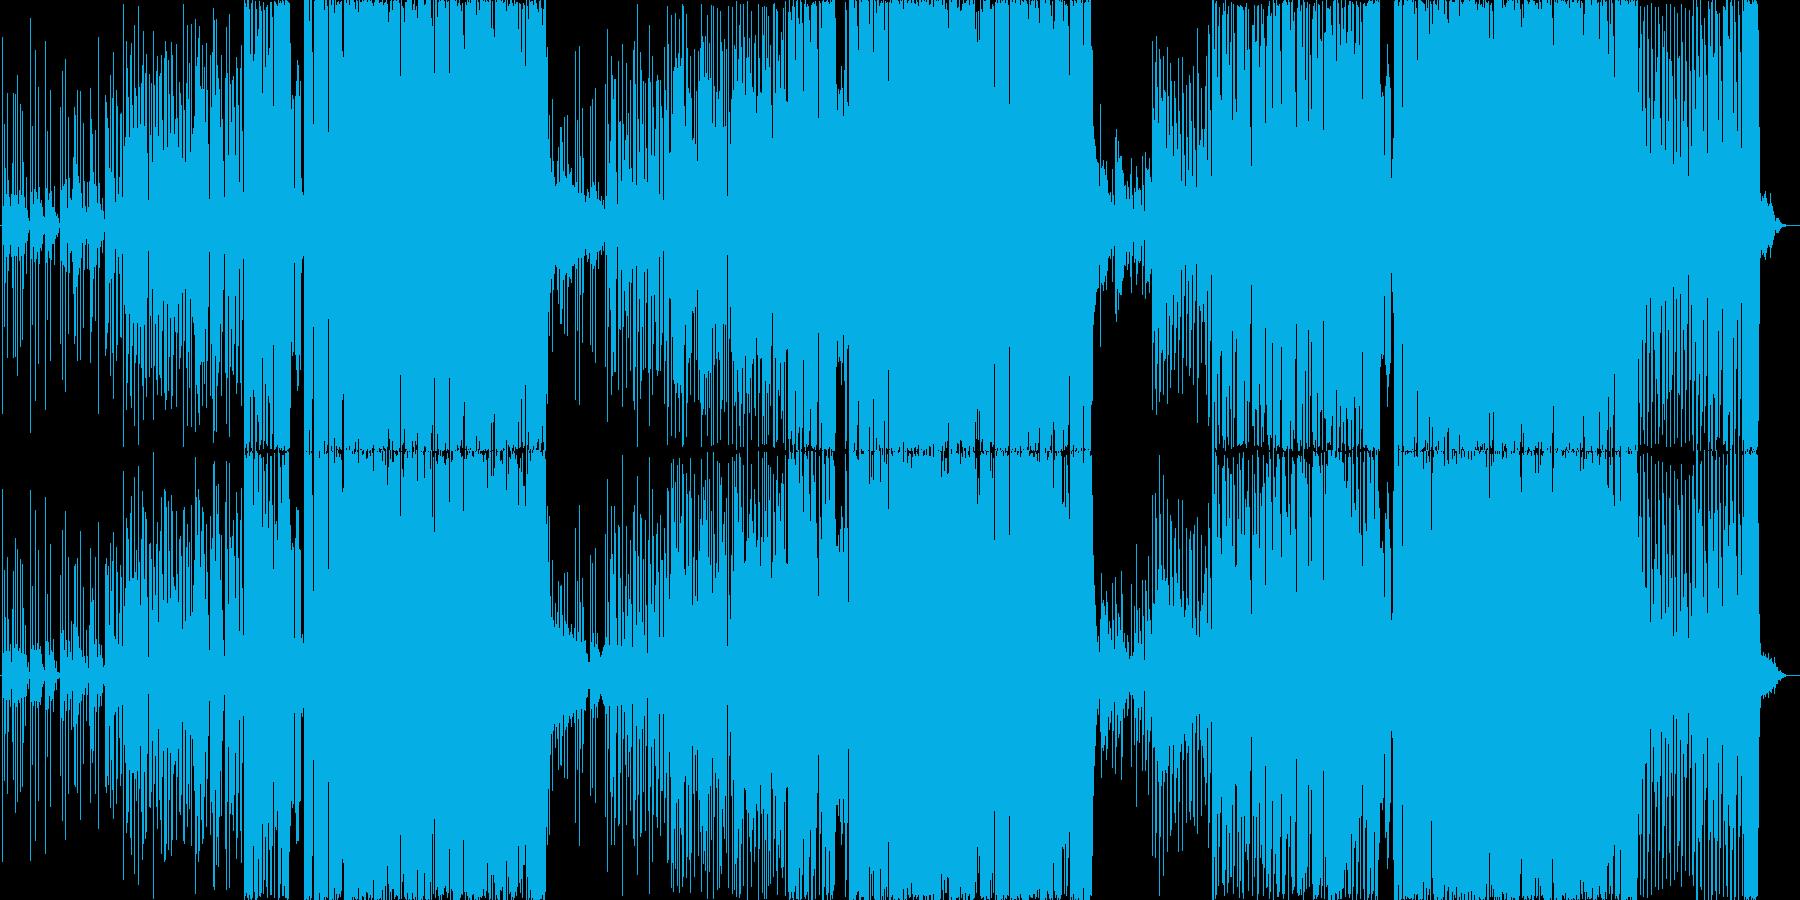 ビート感のある力強い曲の再生済みの波形